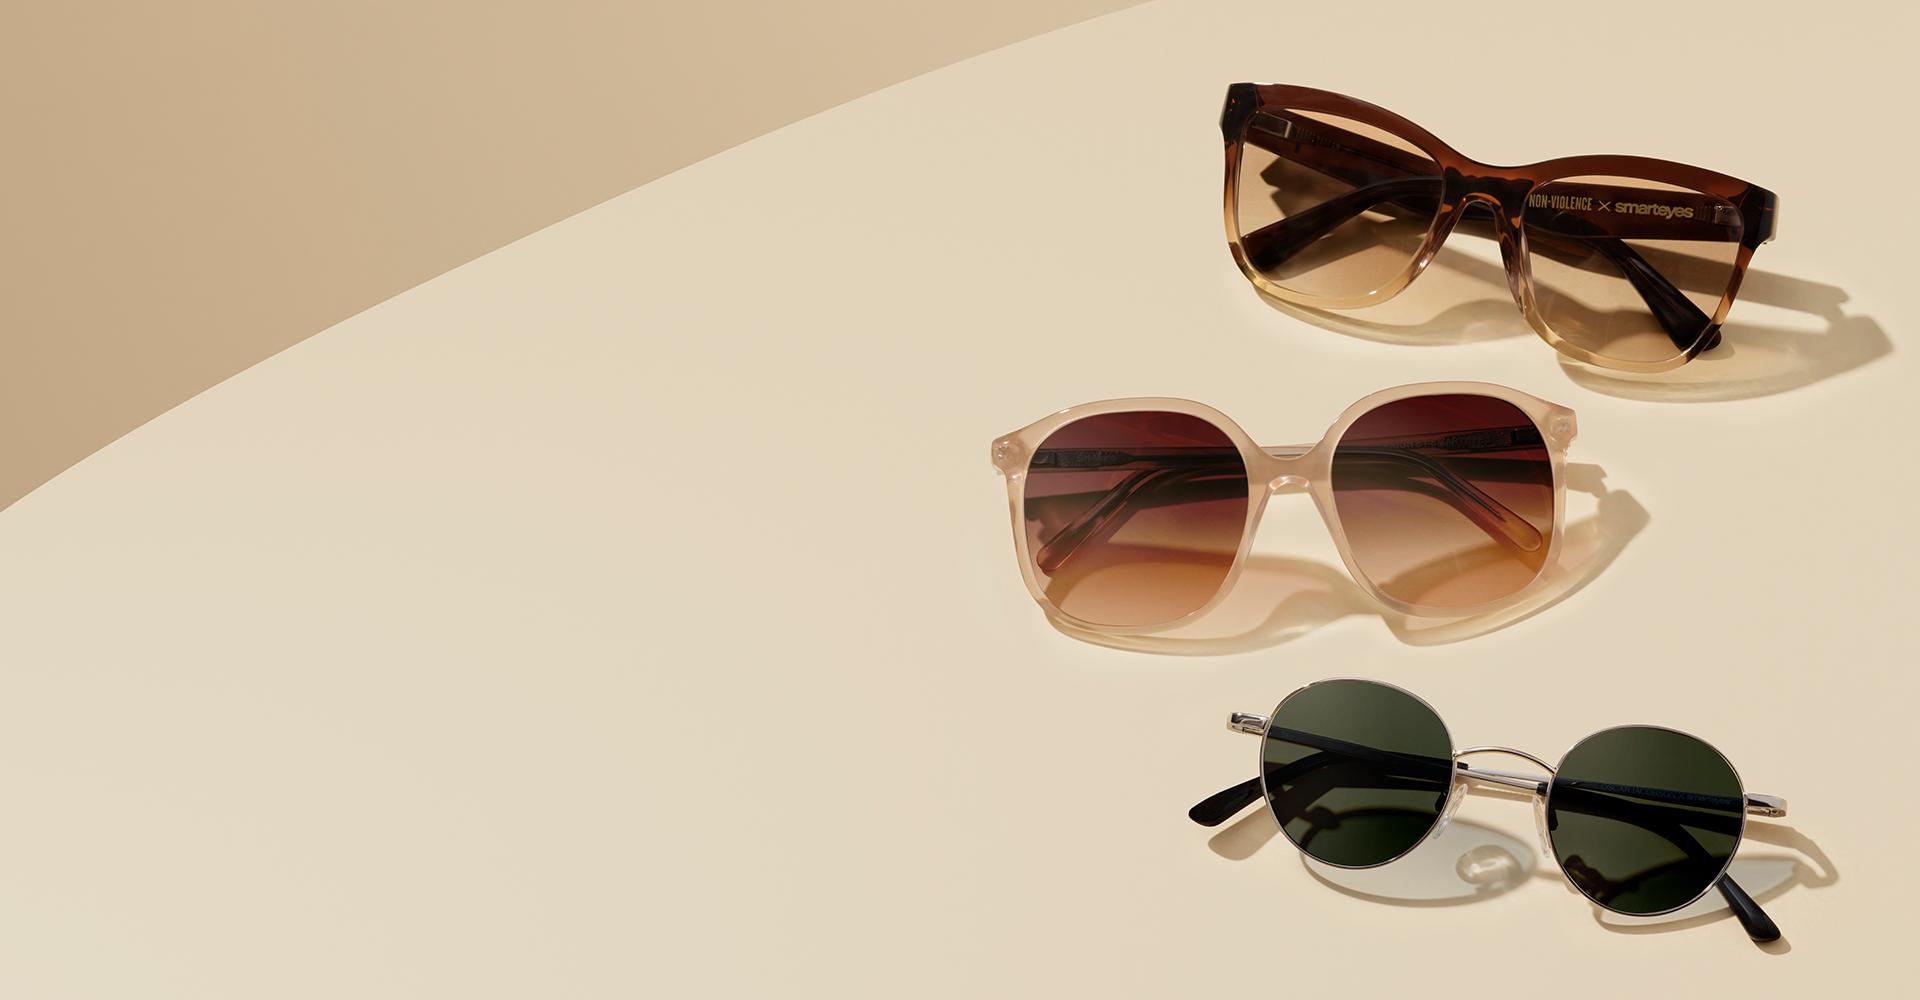 Sonnenbrillen von Smarteyes